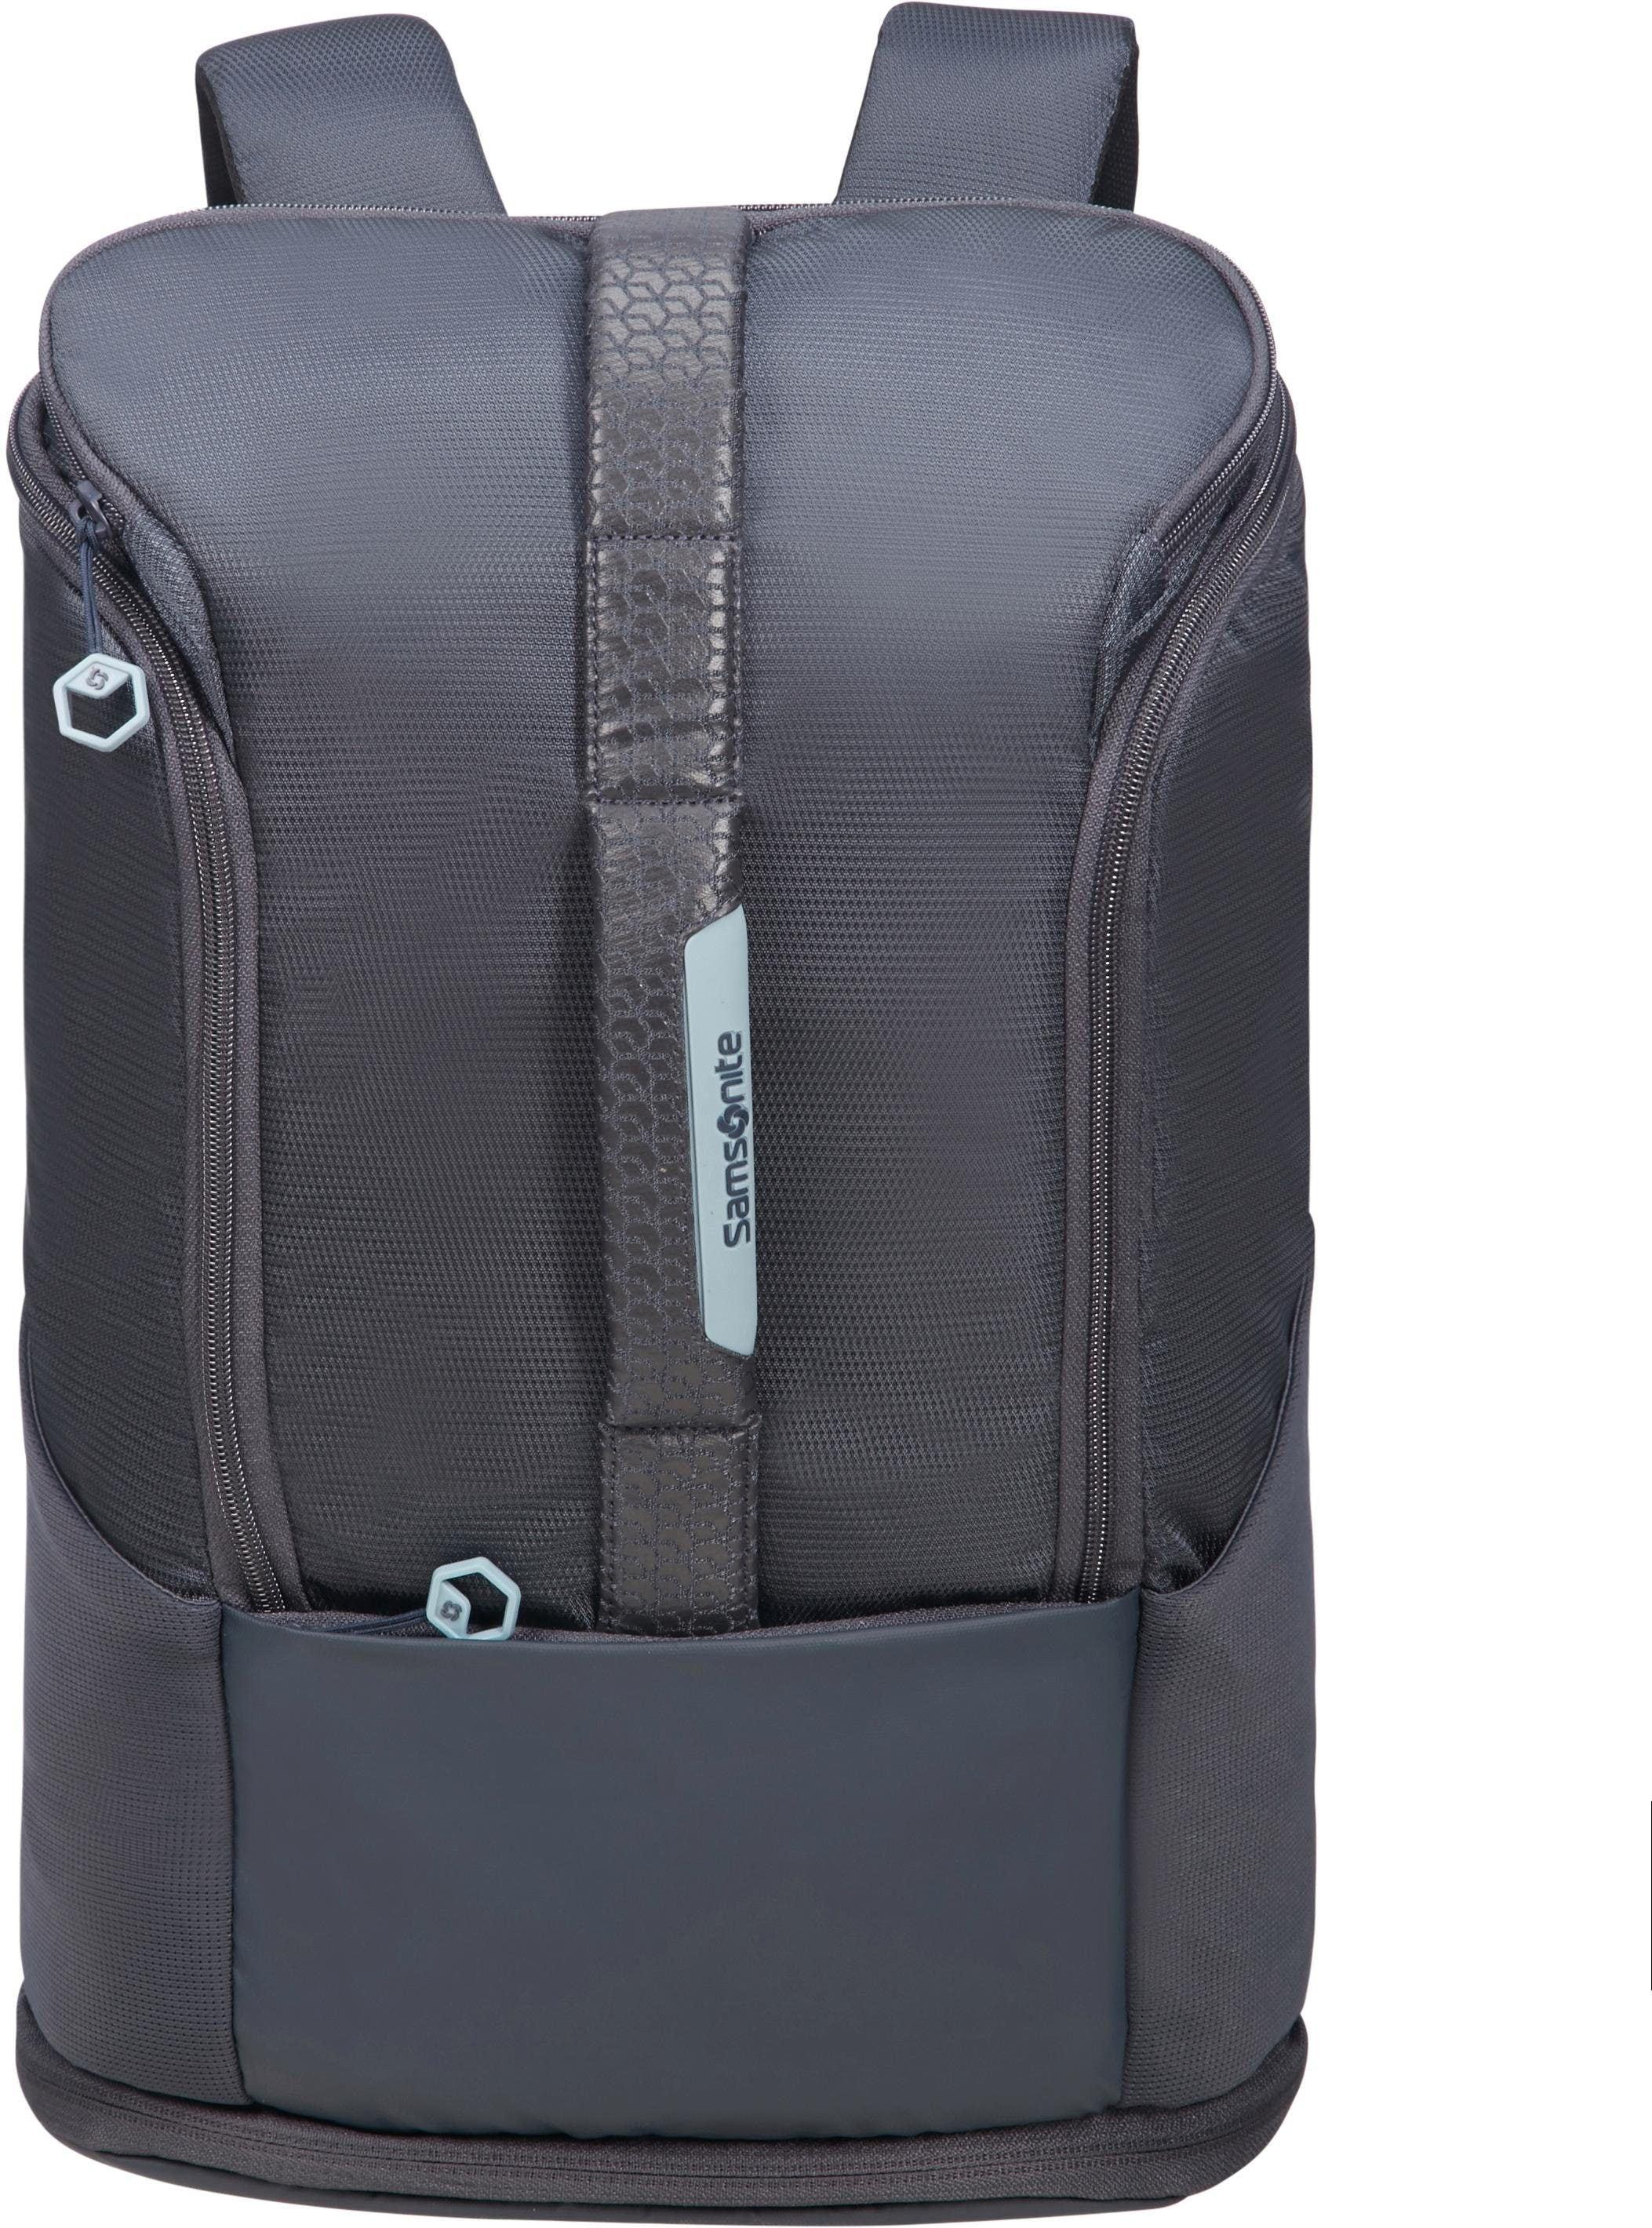 Samsonite Laptoprucksack Hexa-Pack Sport, shadow blue, M günstig online kaufen